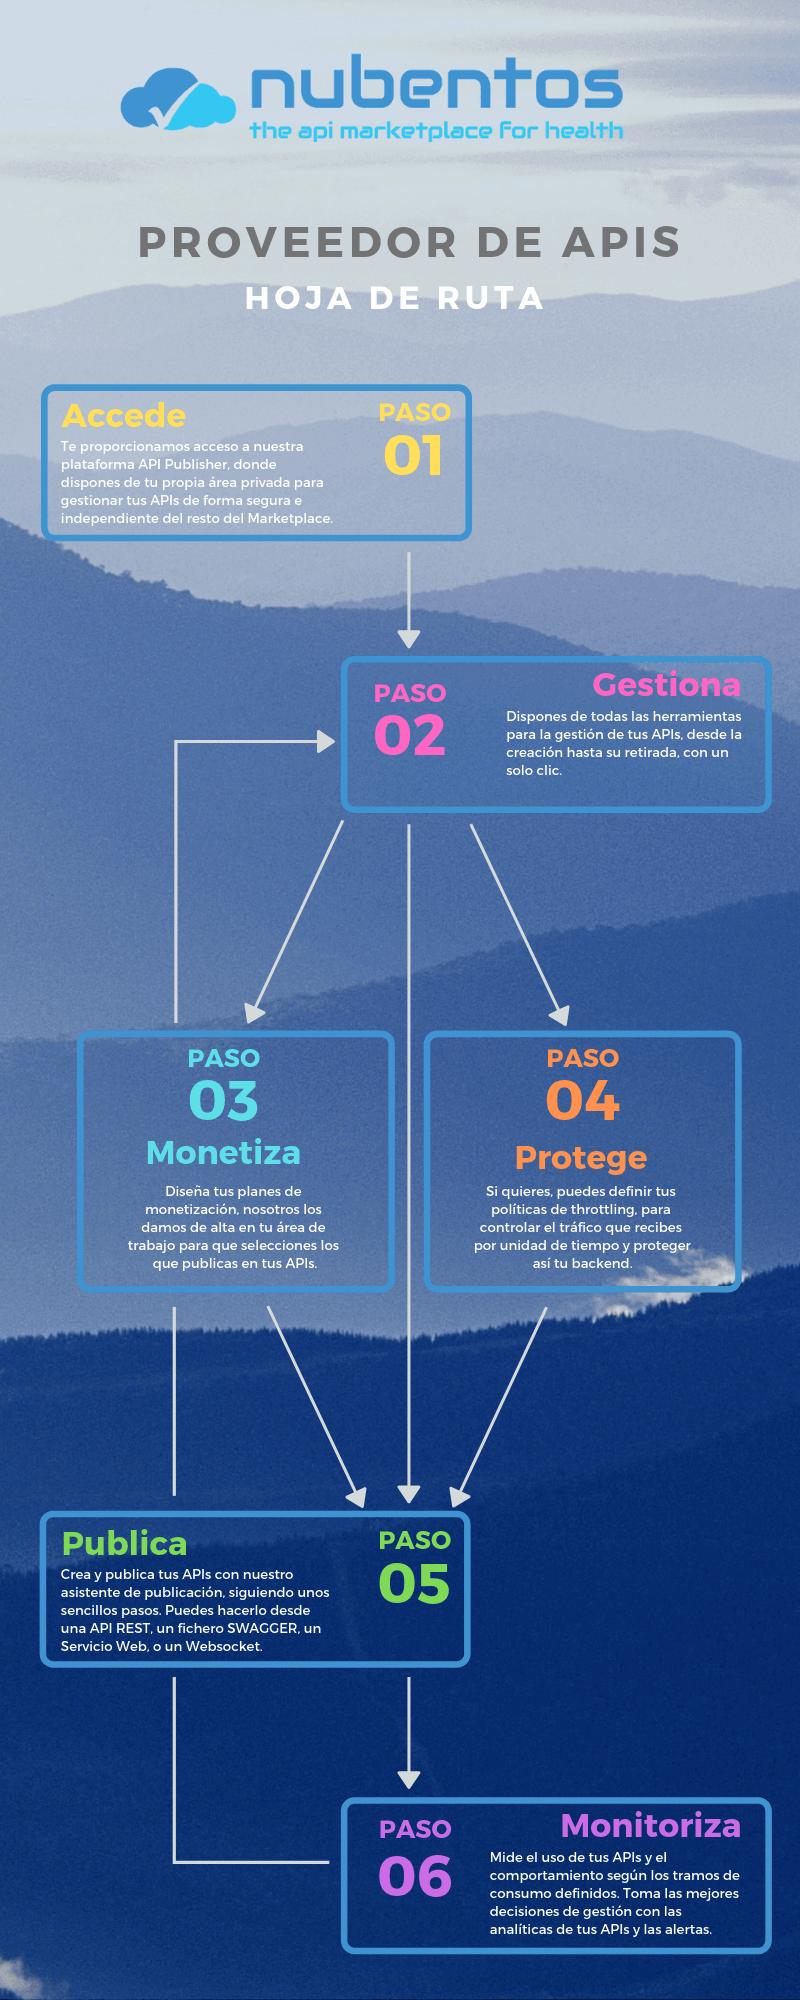 infografia hoja de ruta para el proveedor de apis